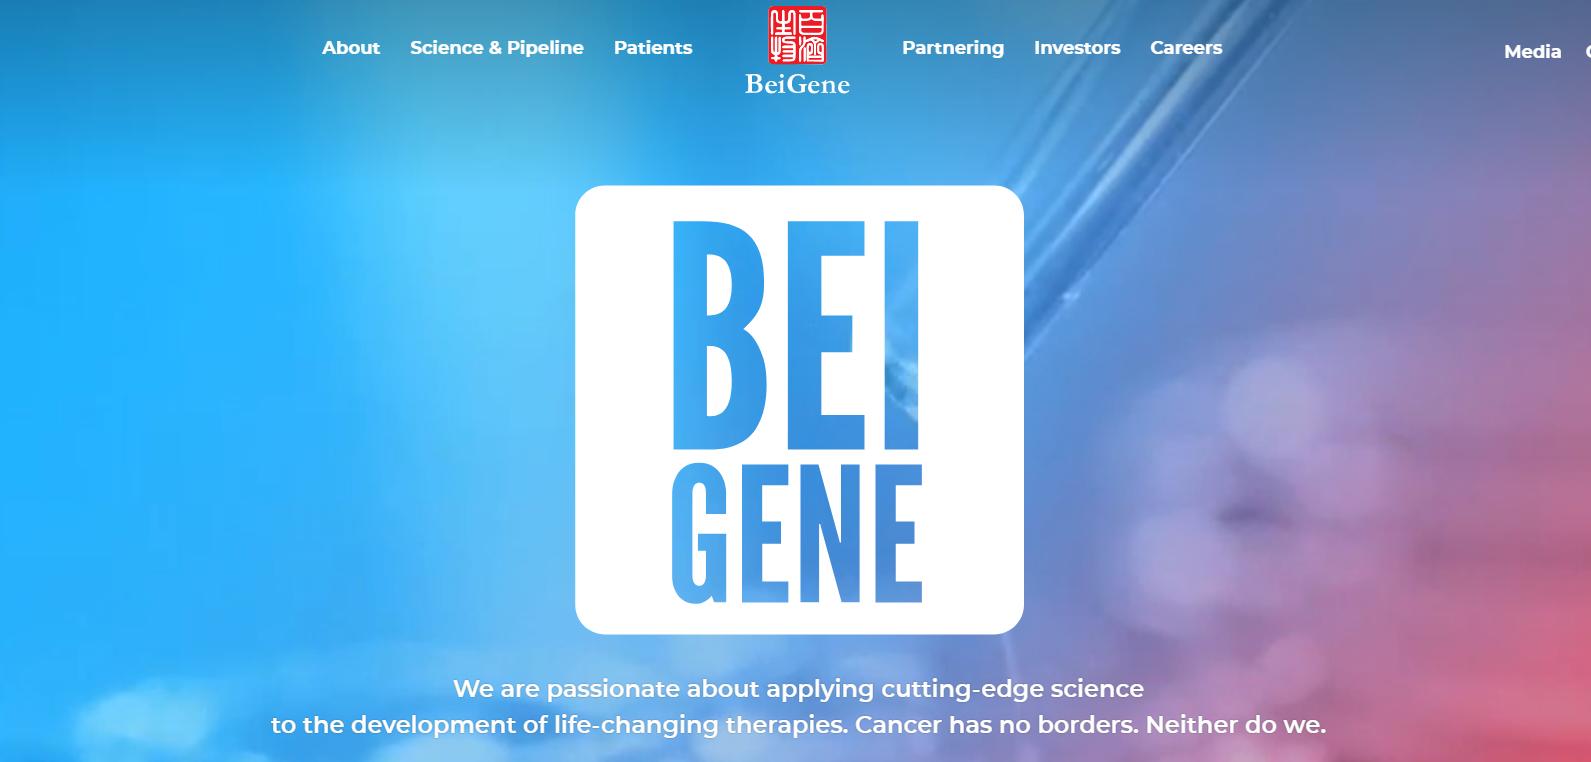 BeiGene Shares Continue Slide After Short Seller Report